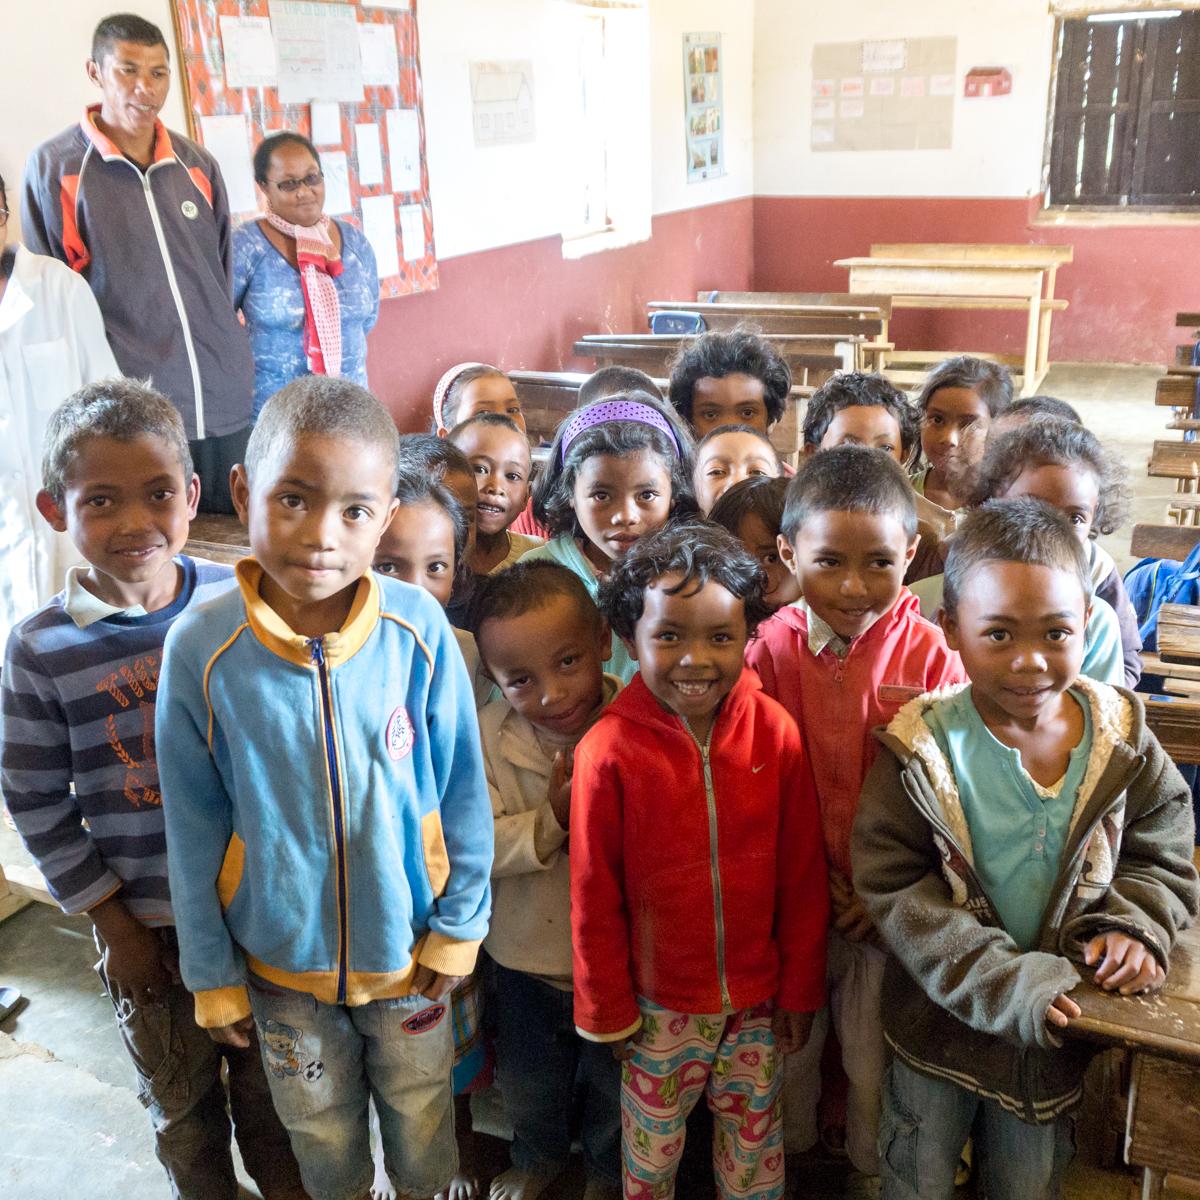 Les enfants de Madagascar devant nous dans la classe d'Anjozorobe, Madagascar